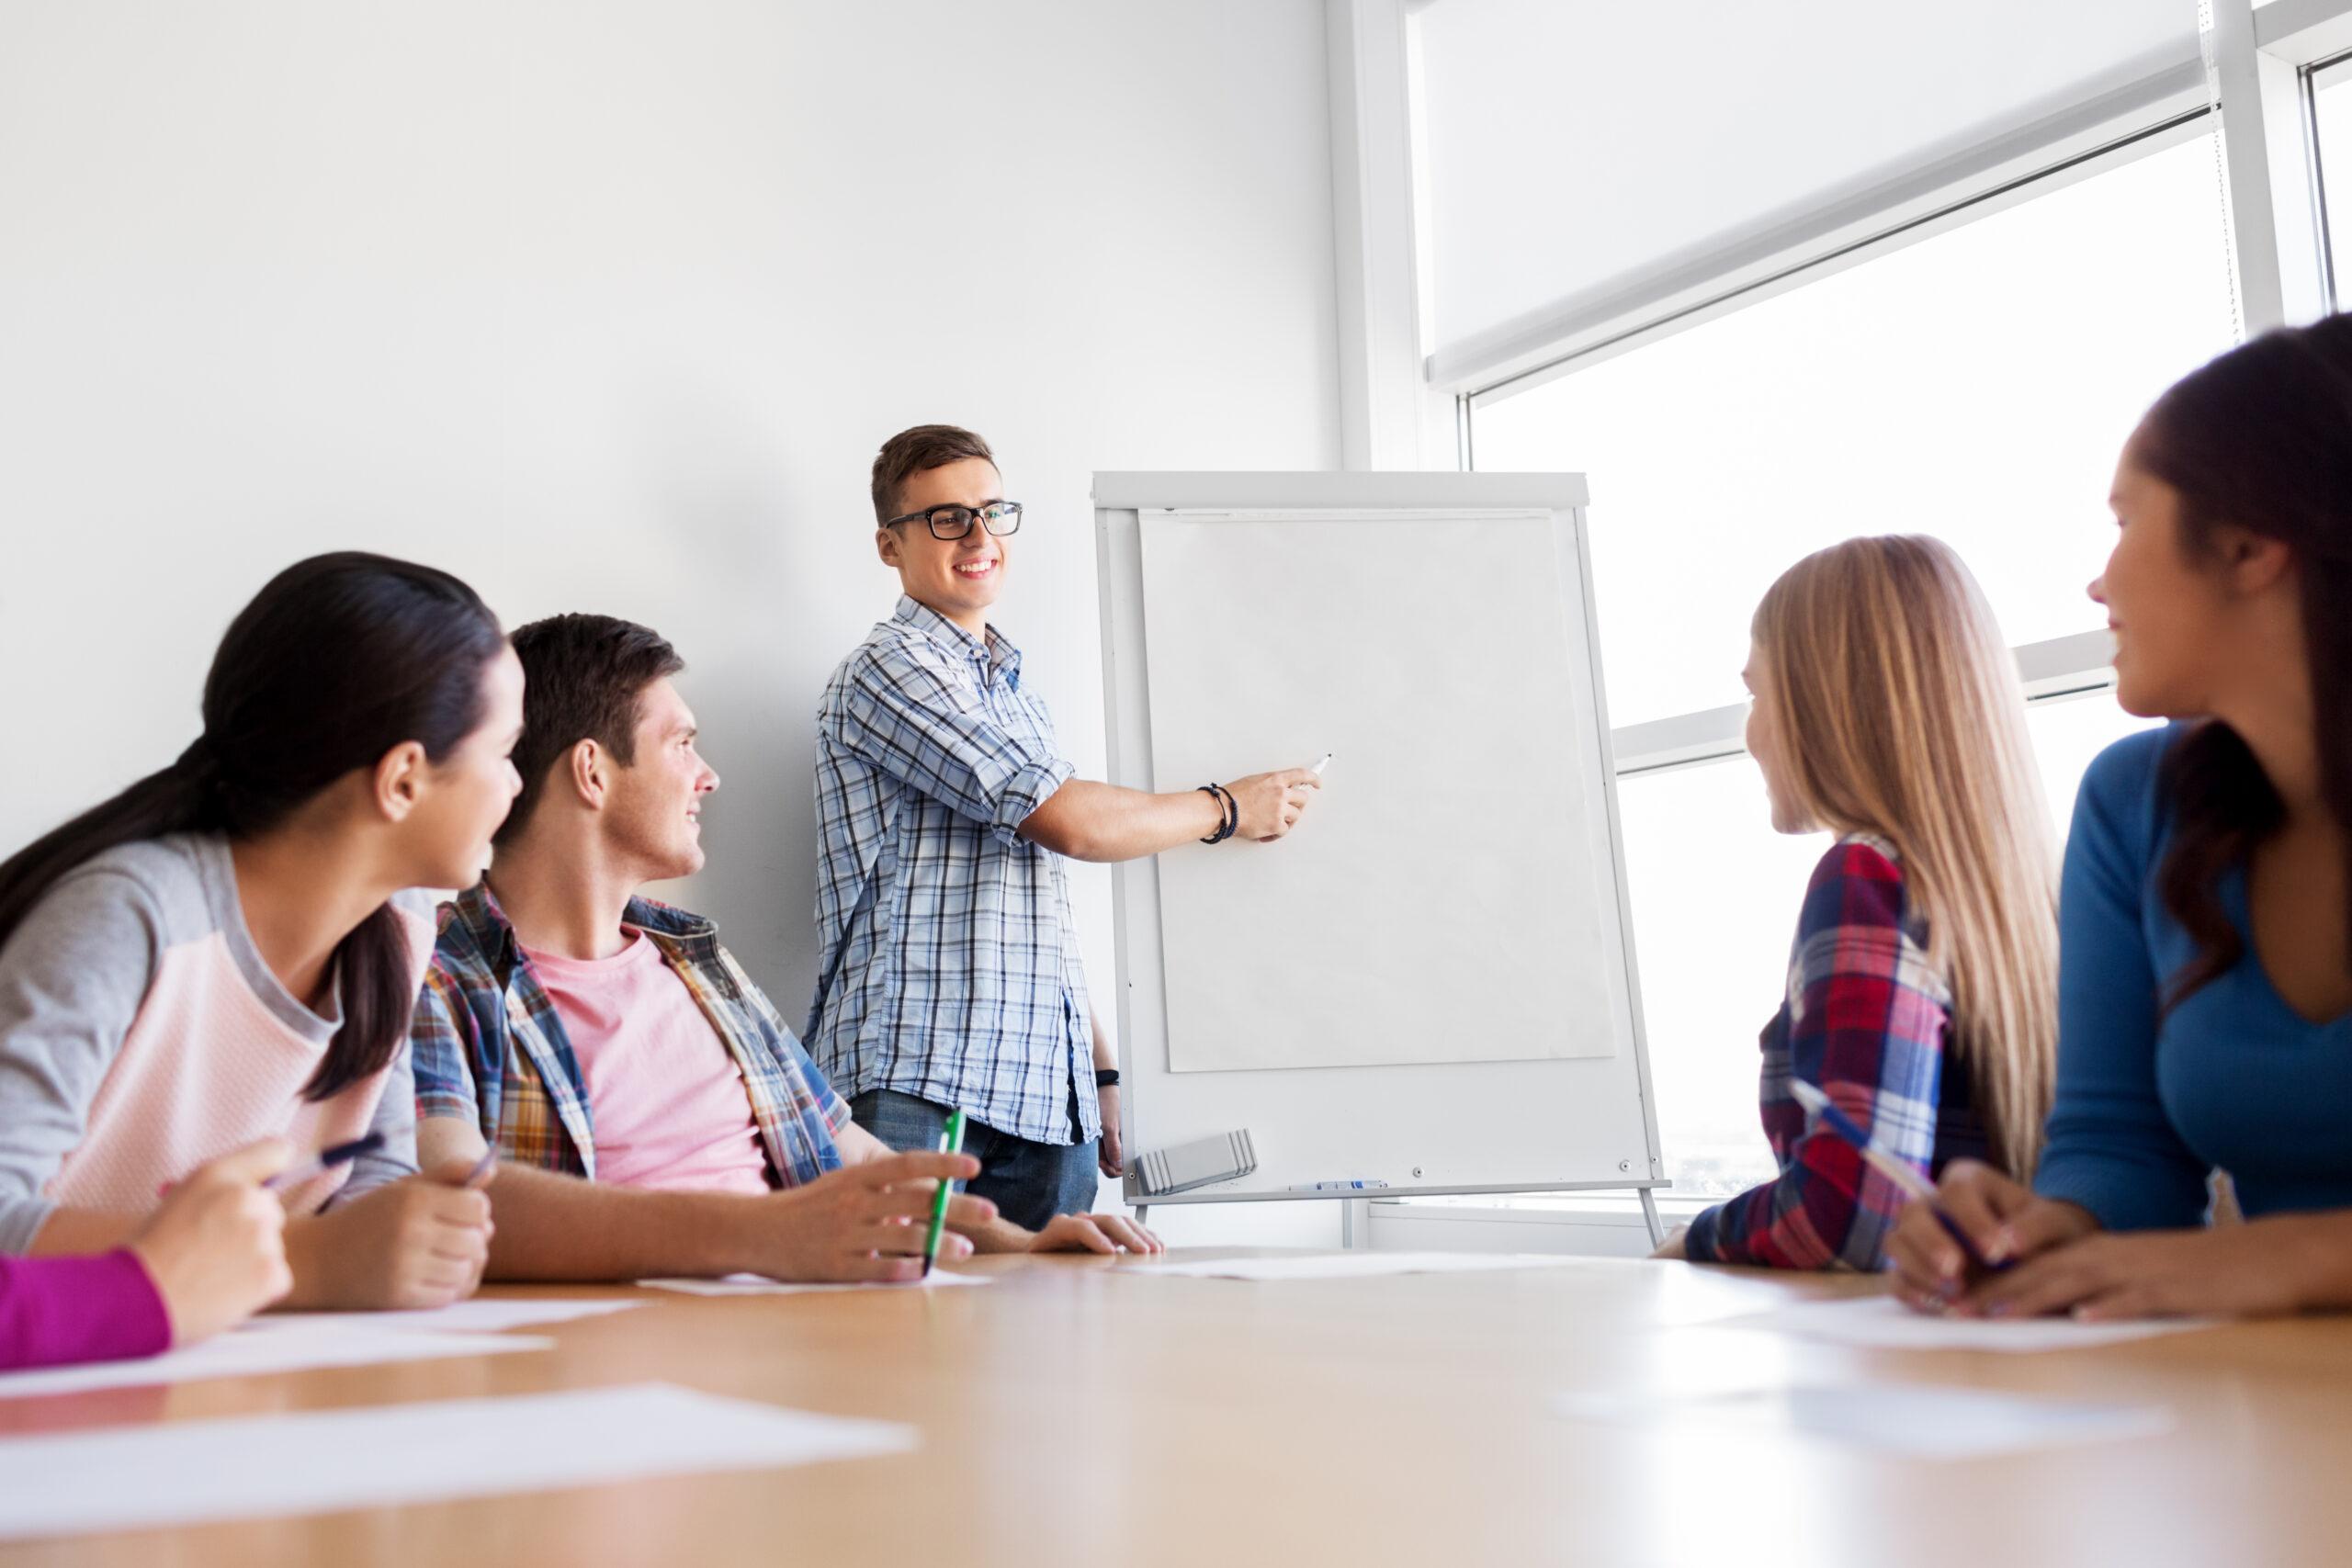 Si mund të rrisim ndërveprimin dhe gjithëpërfshirjen e nxënësve gjatë procesit mësimor?